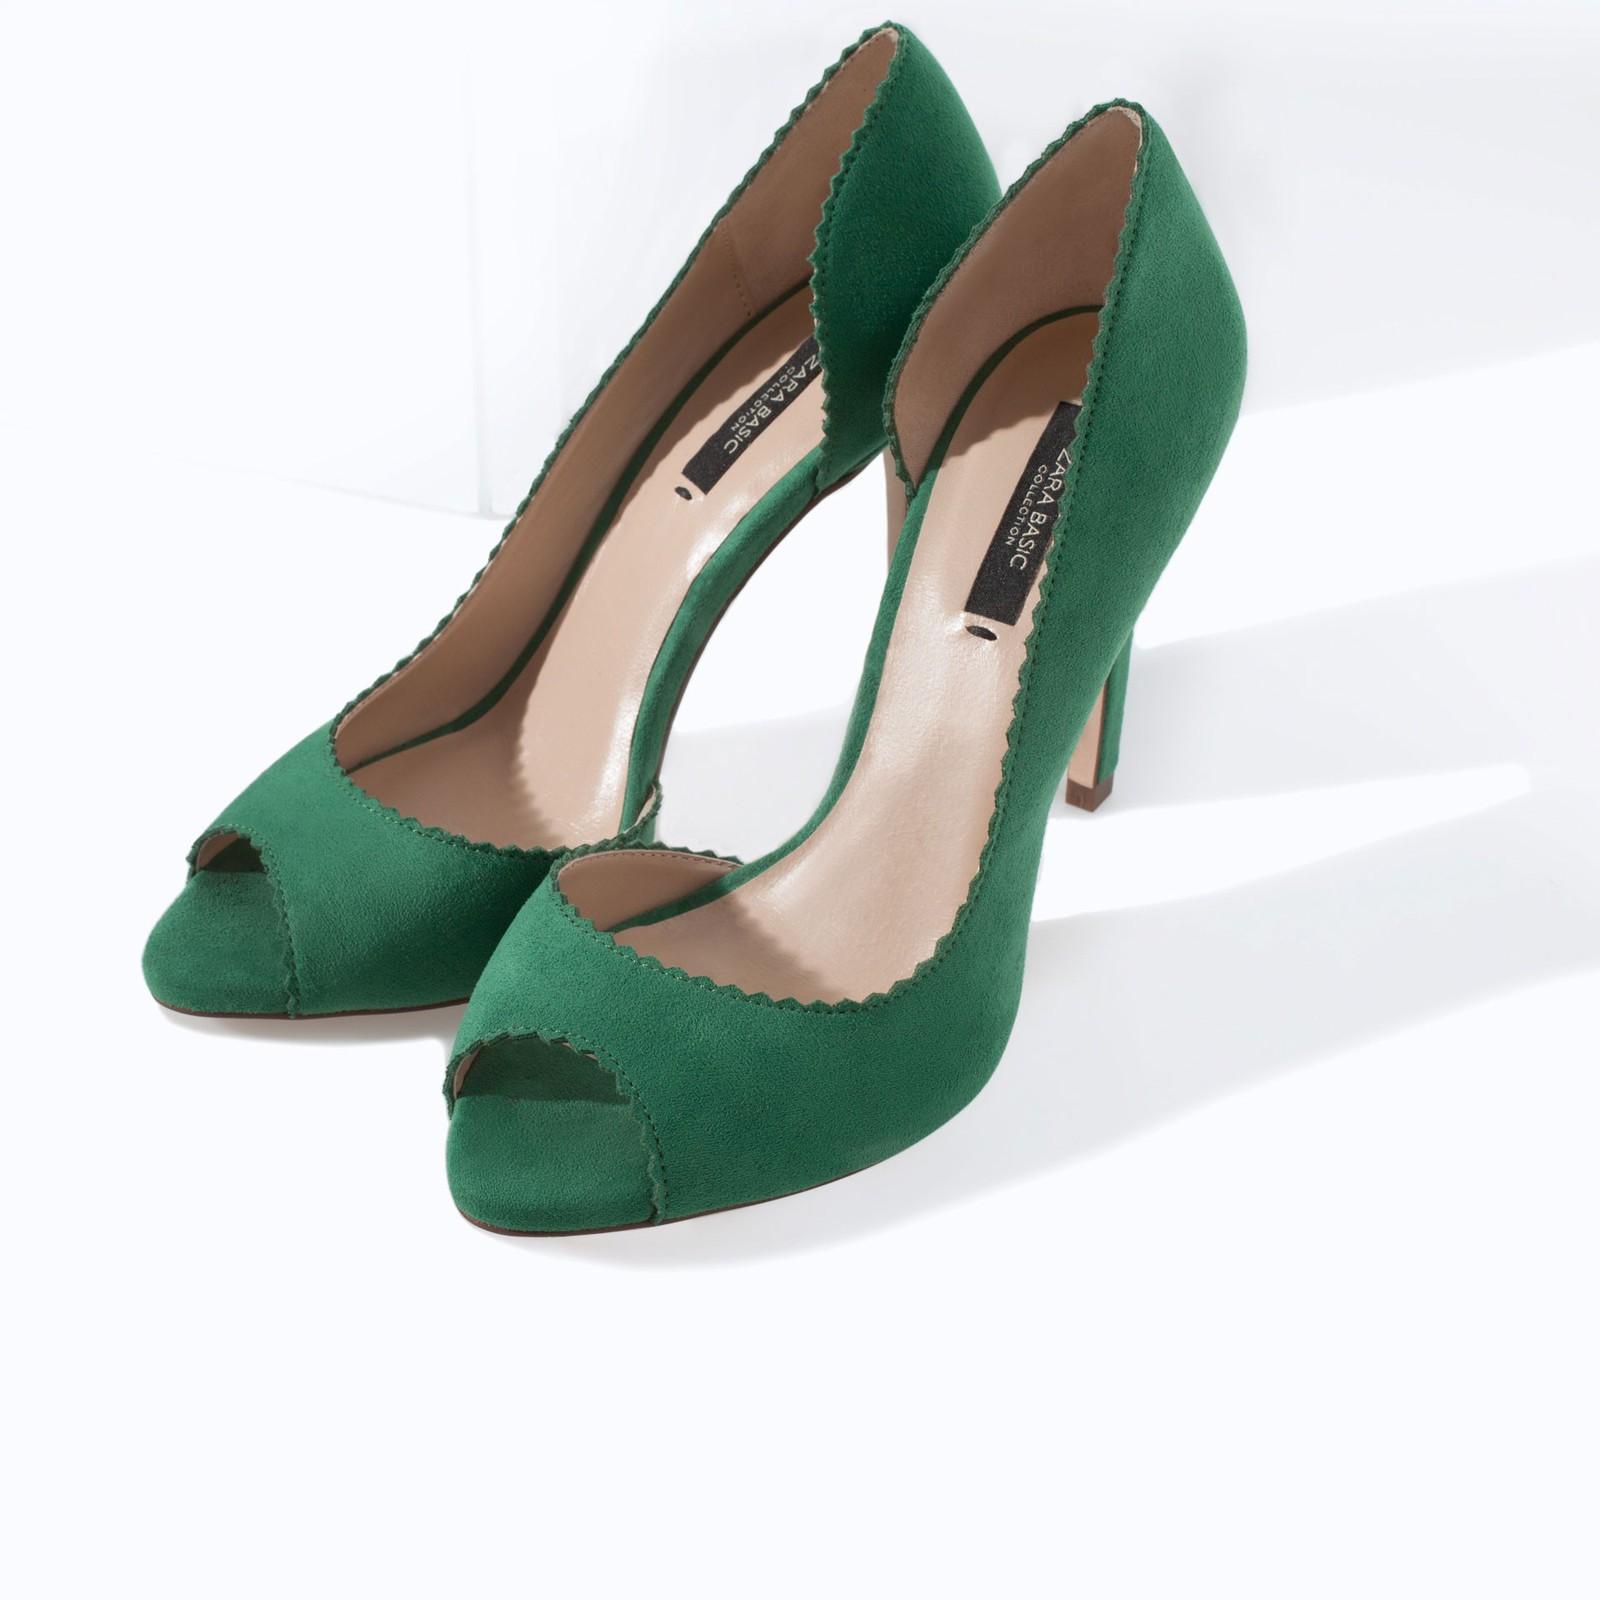 707fb315479 Zara High Heel Peep Toe